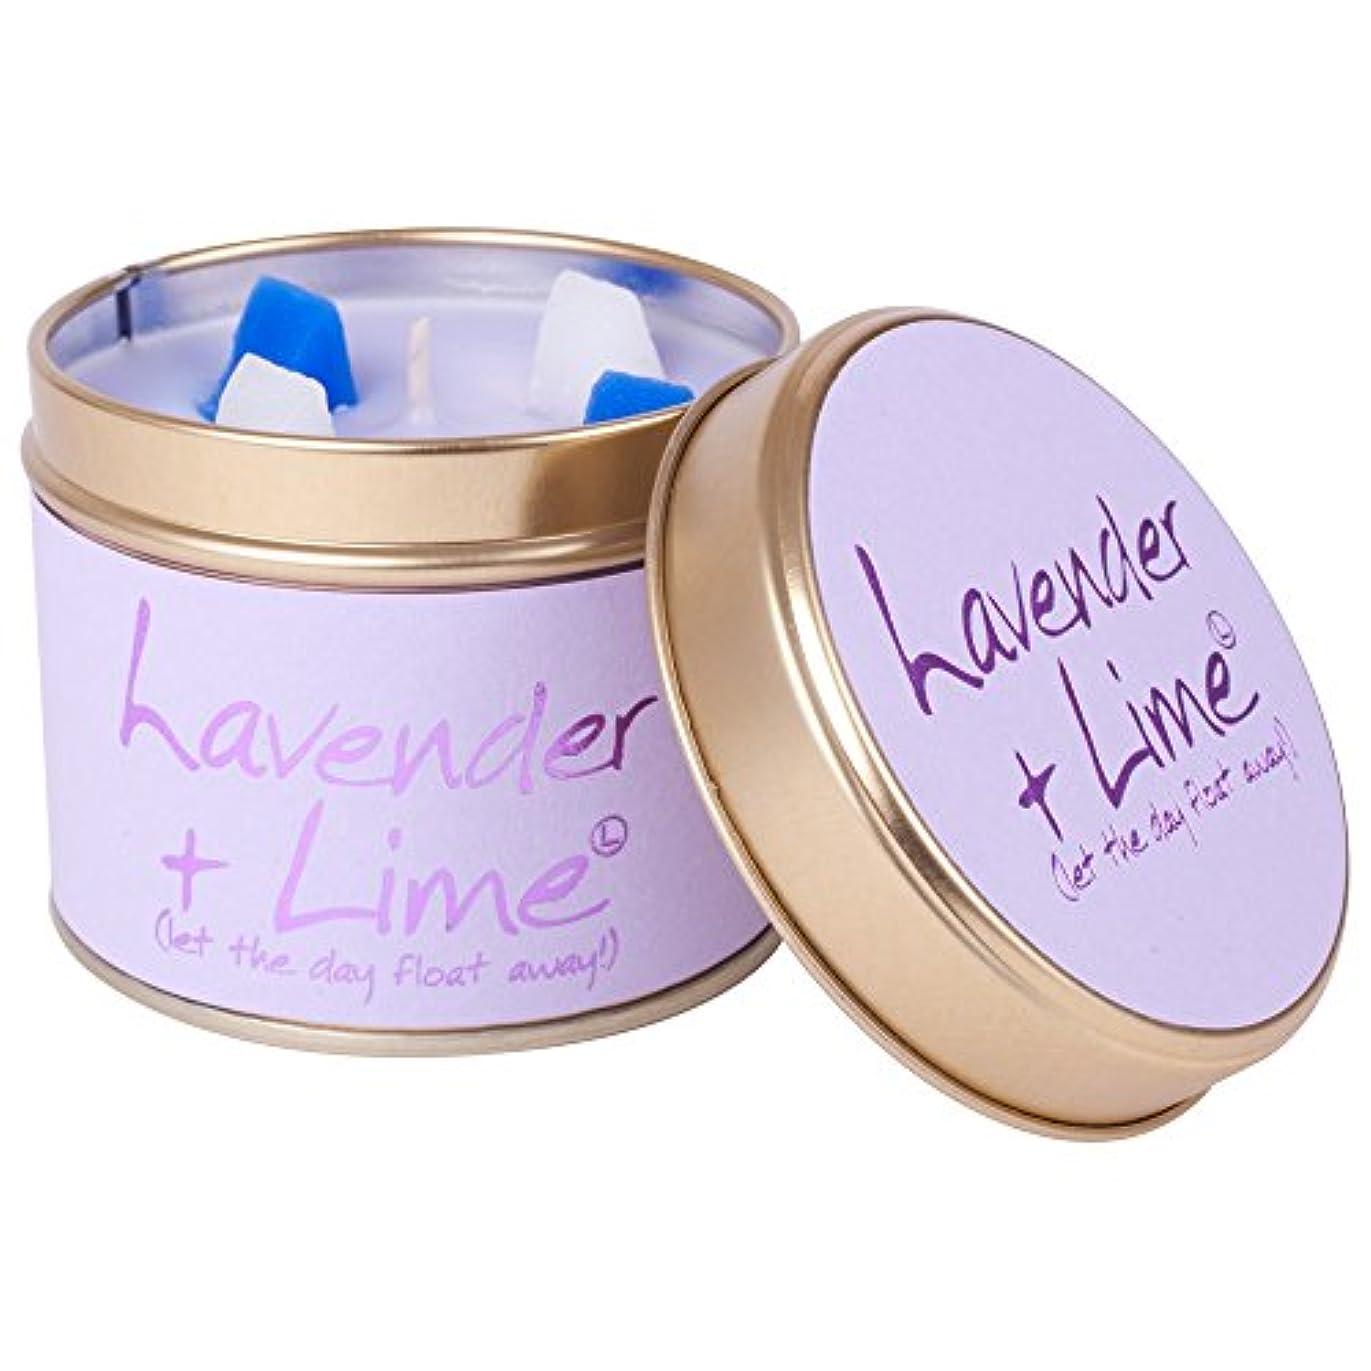 スイボウリング急いでLily-Flame Lavender and Lime Scented Candle Tin (Pack of 2) - ユリ炎ラベンダー、ライムの香りのキャンドルスズ (Lily-Flame) (x2) [並行輸入品]